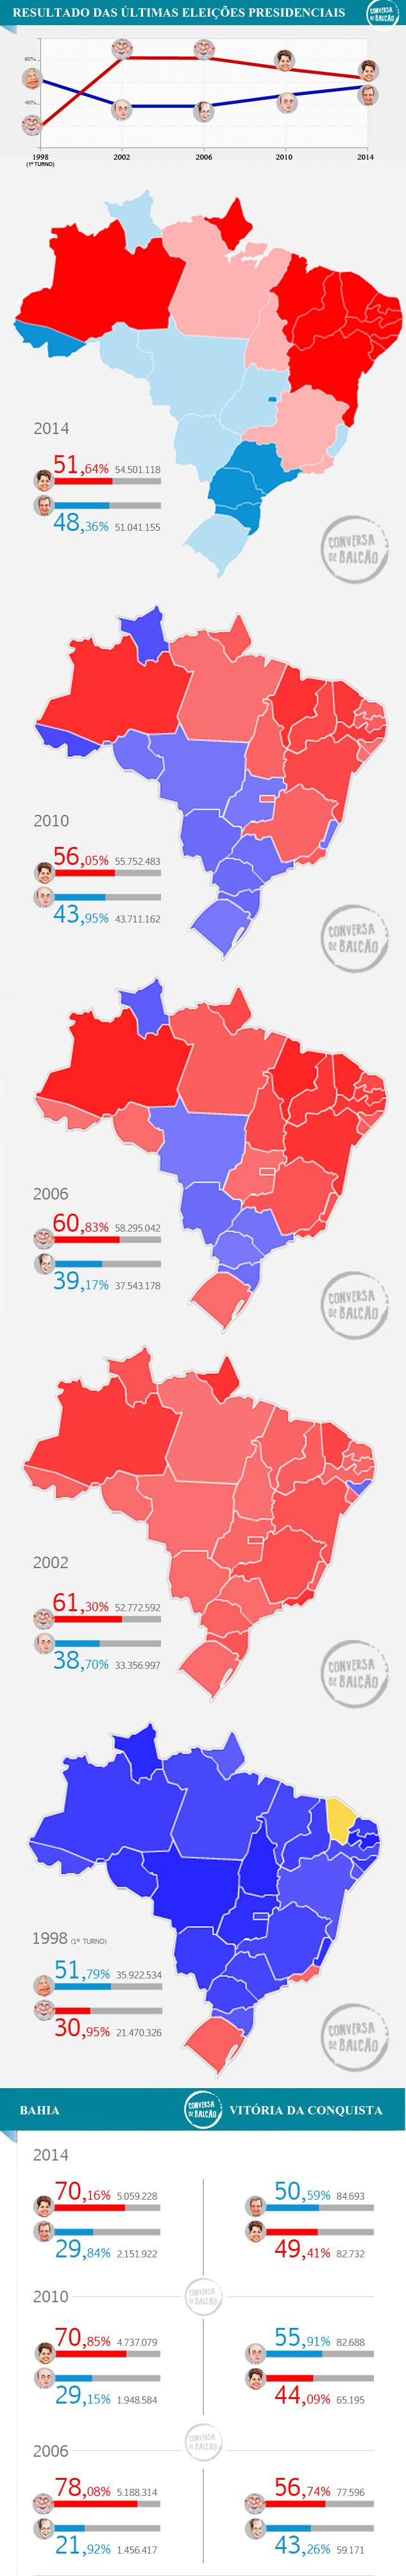 infografico resultados eleições brasil